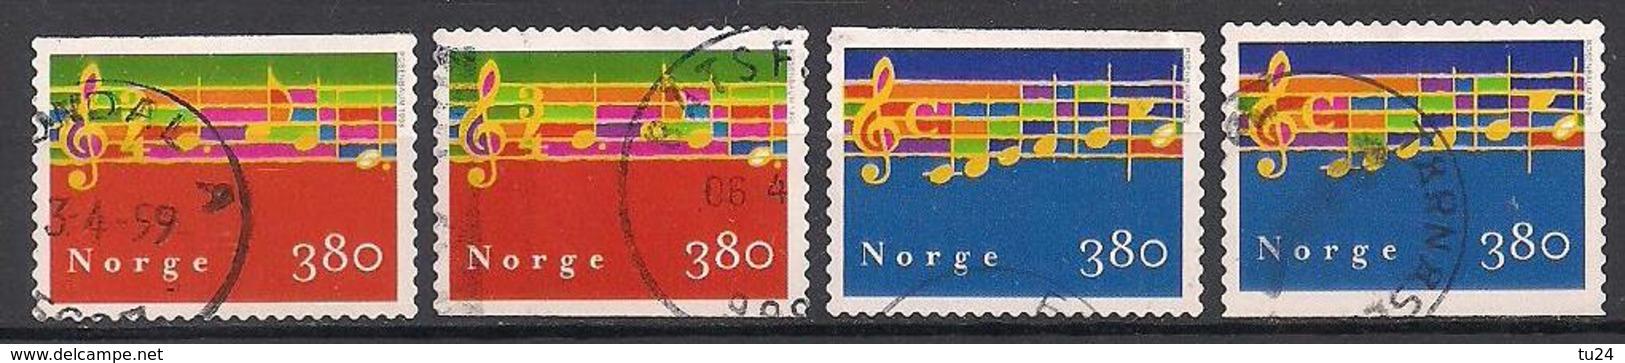 Norwegen  (1998)  Mi.Nr. 1297 + 1298  Gest. / Used  (1ah13) - Norwegen